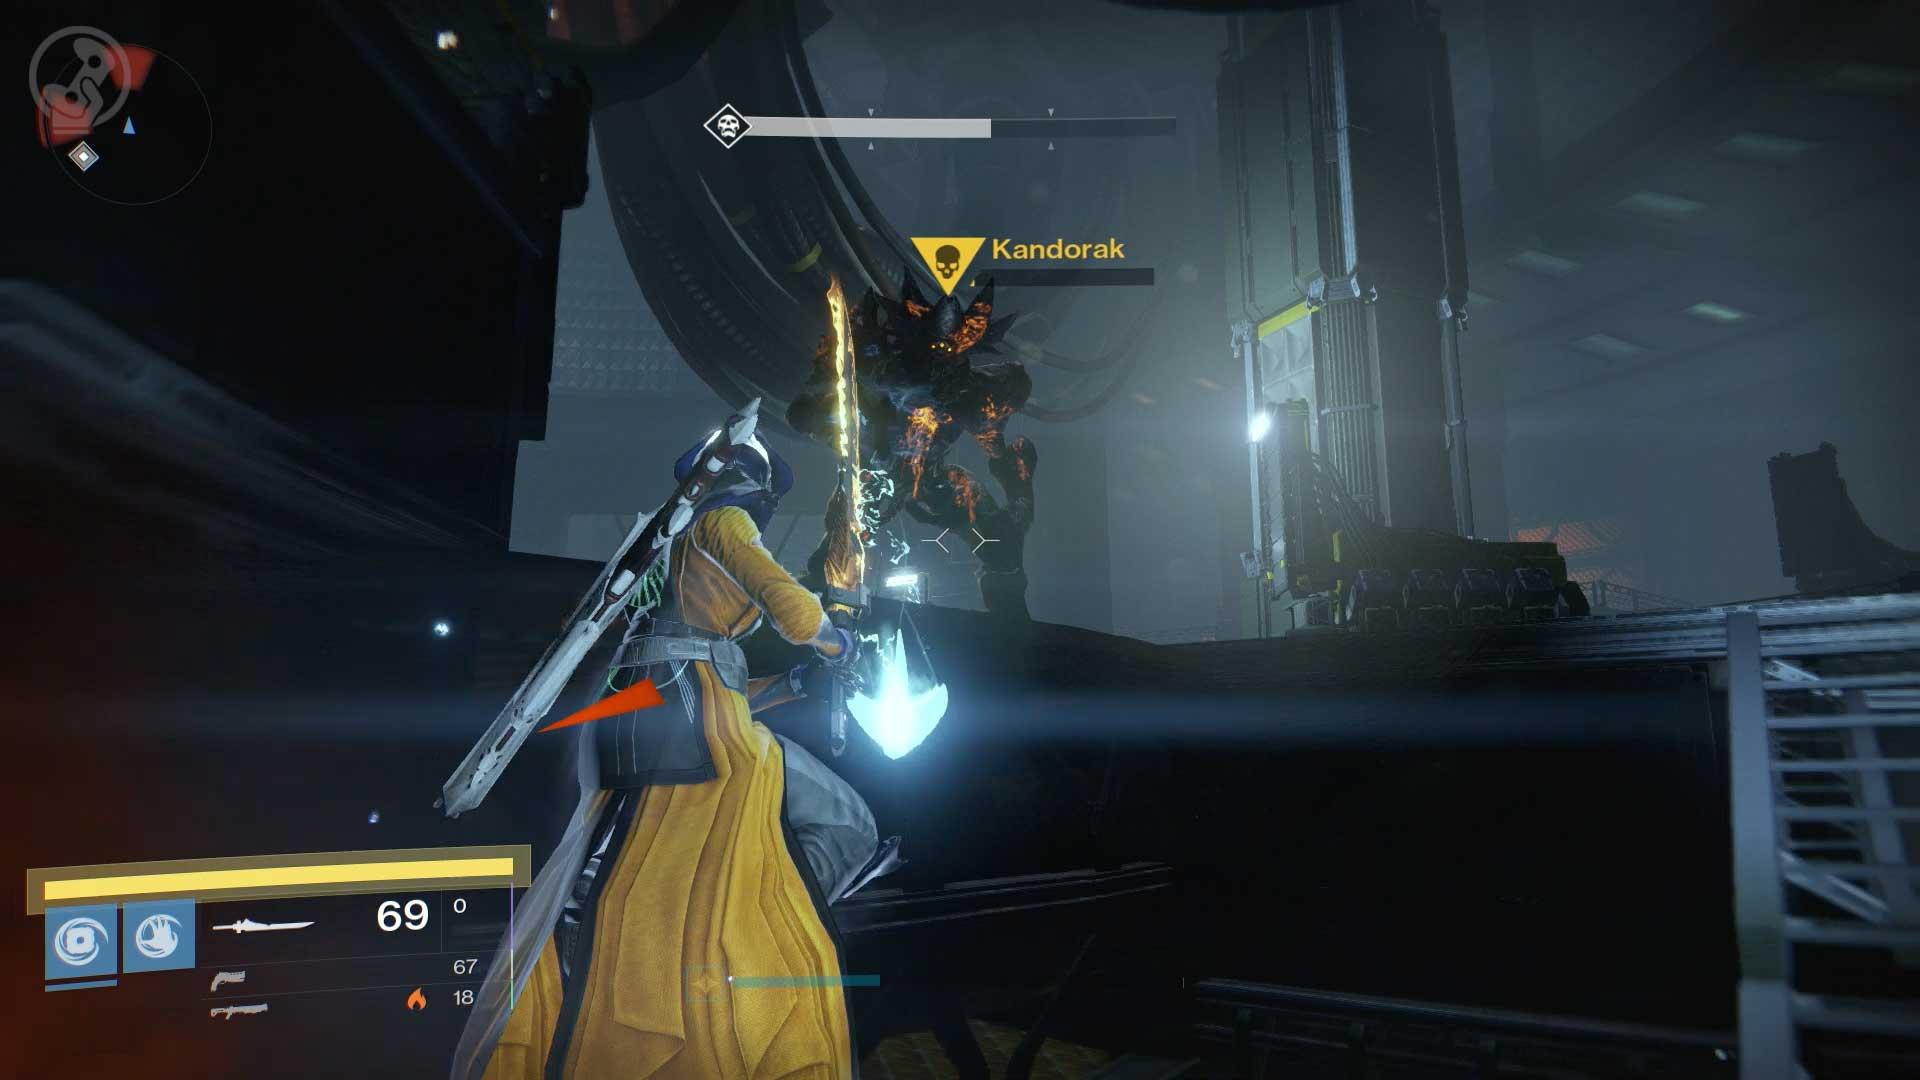 Kandorak, Boss-Gegner der Mission der letzte Schutzwall. Bild: Screenshot Destiny